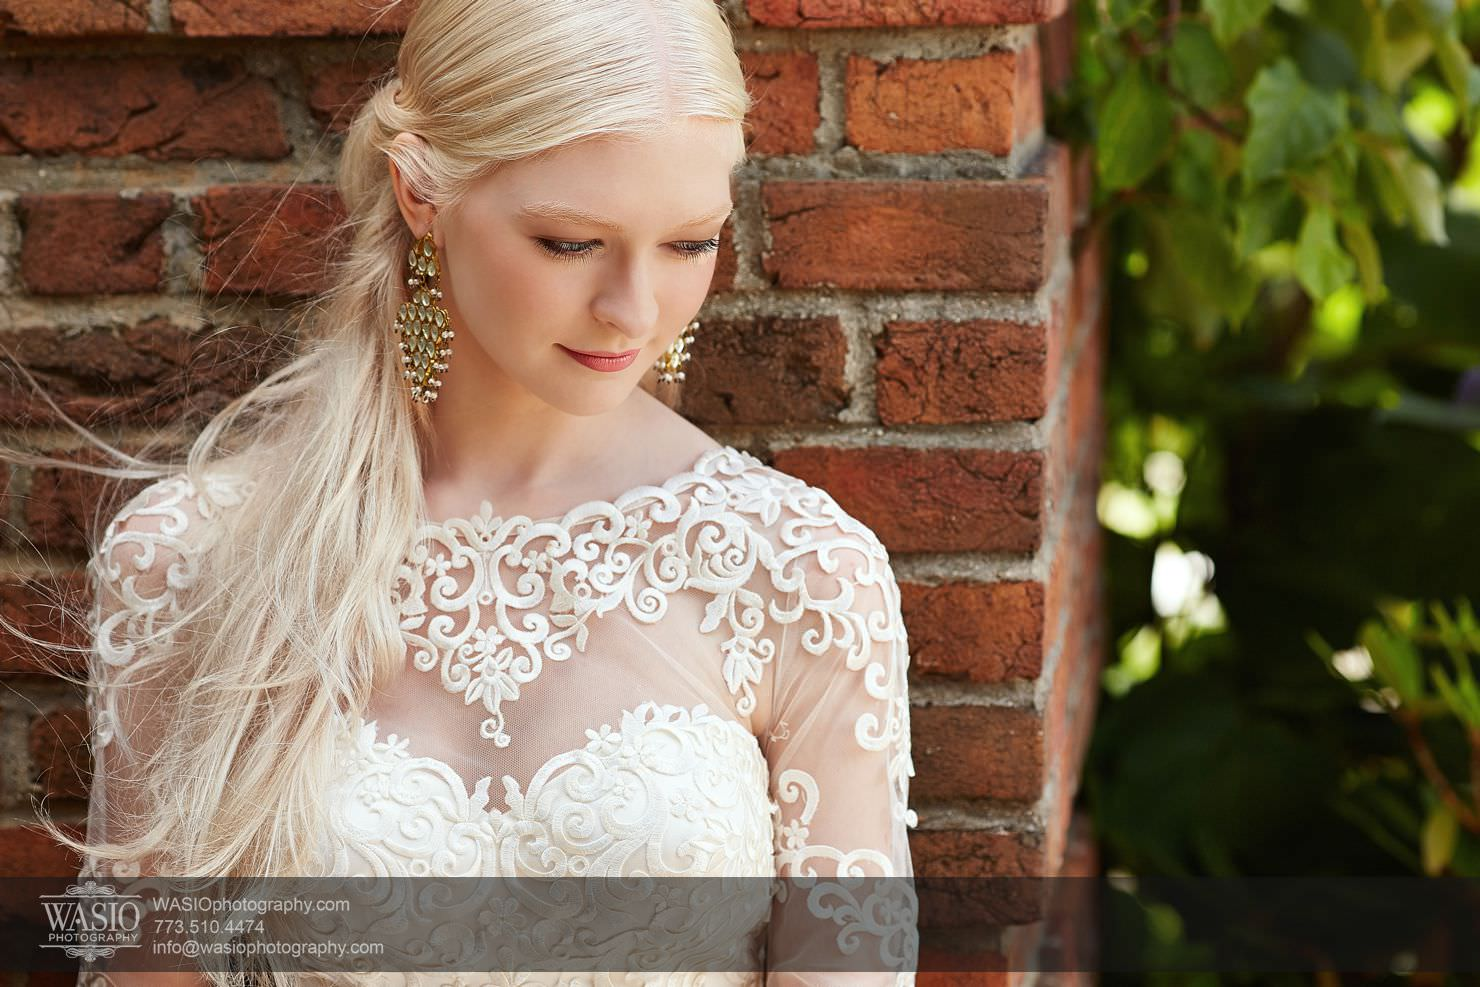 chicago-botanic-garden-classy-bride-summer-wedding-013 Chicago Botanic Garden - Classy Bride